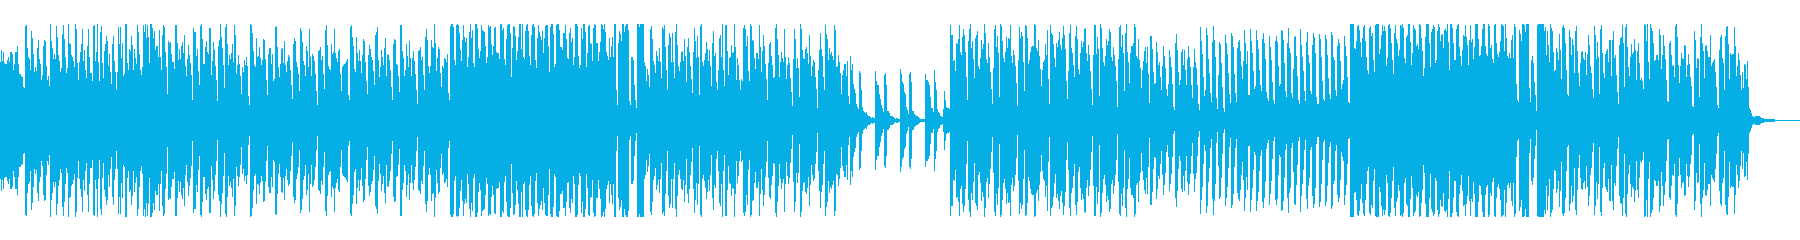 ベルでの始まりの合図からー軽快ポップスの再生済みの波形